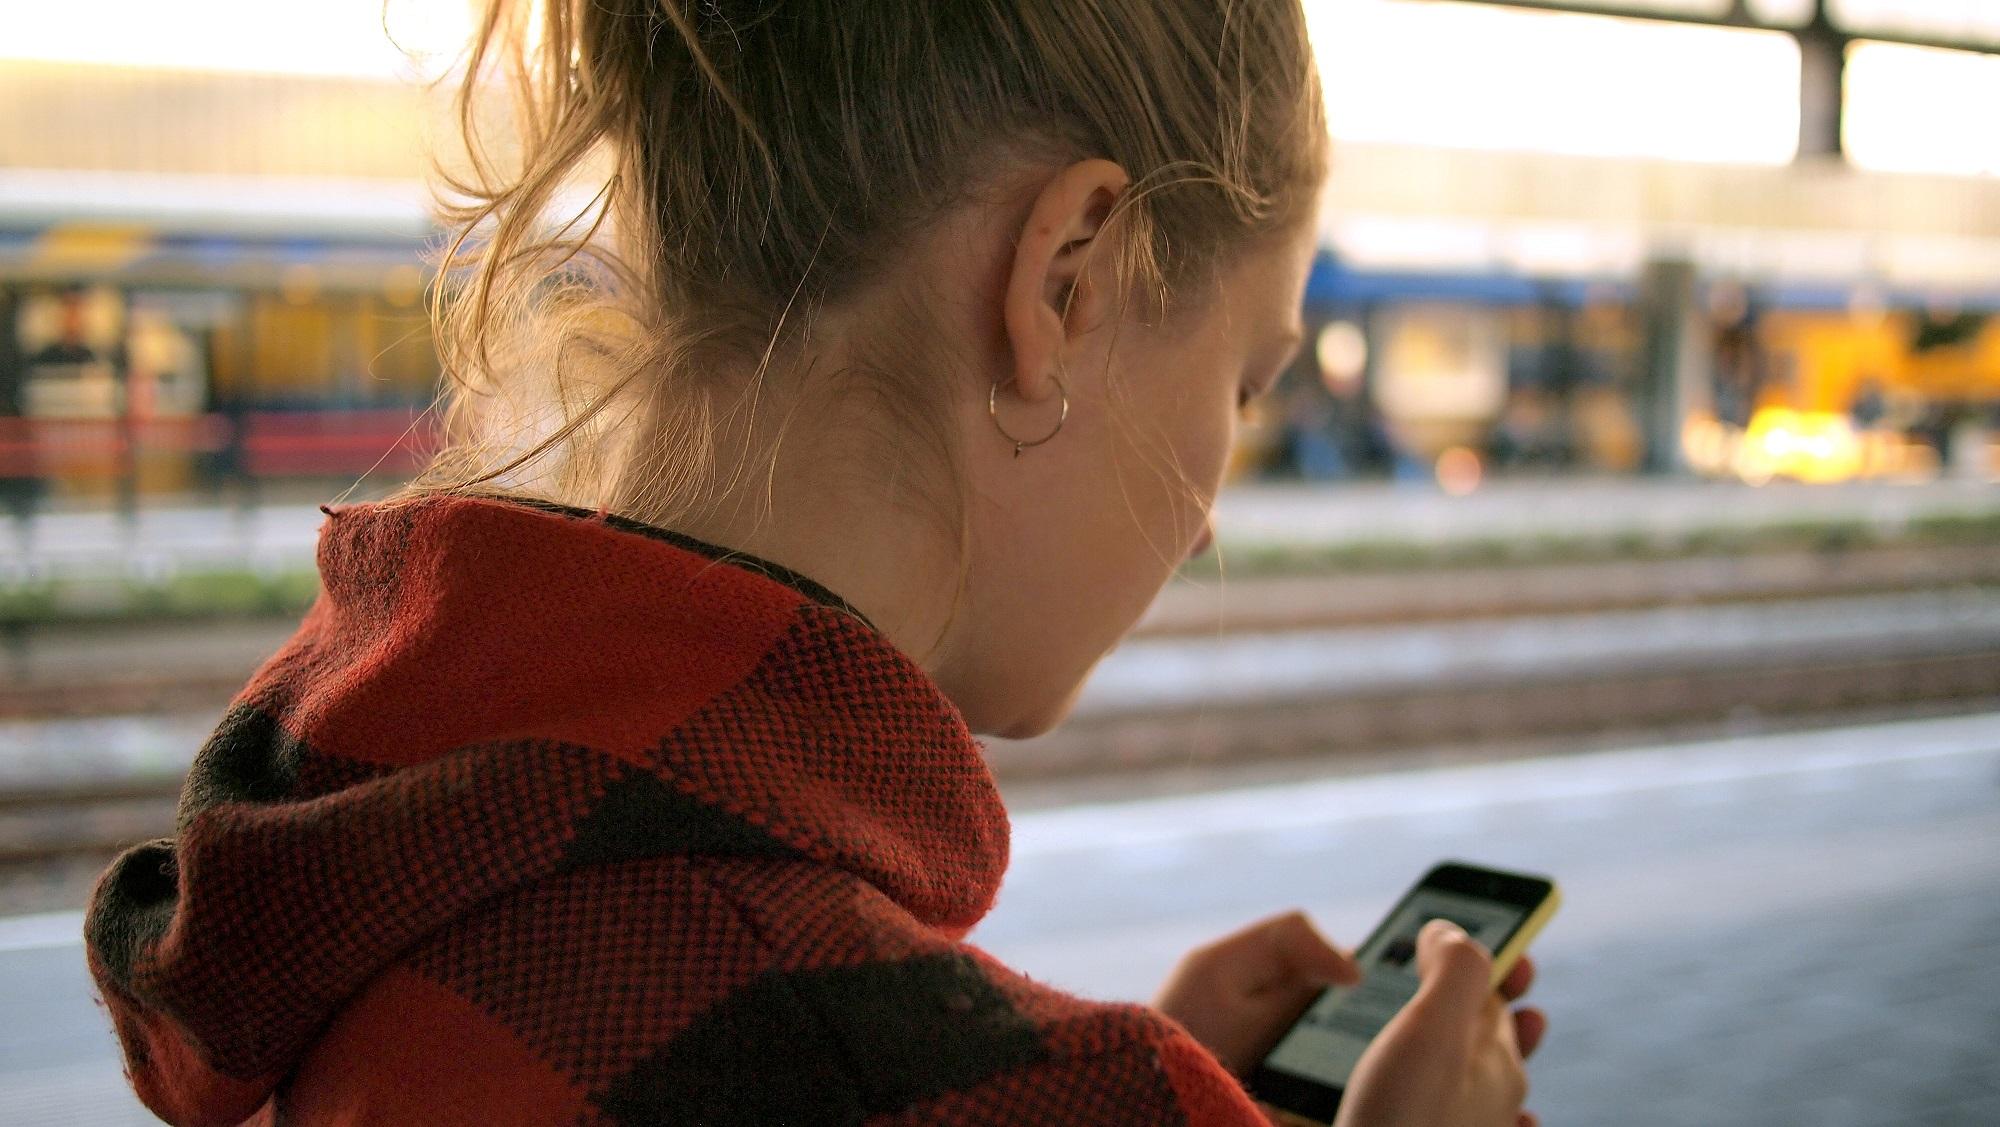 Usamos muchas apps cada día que pueden no ser seguras